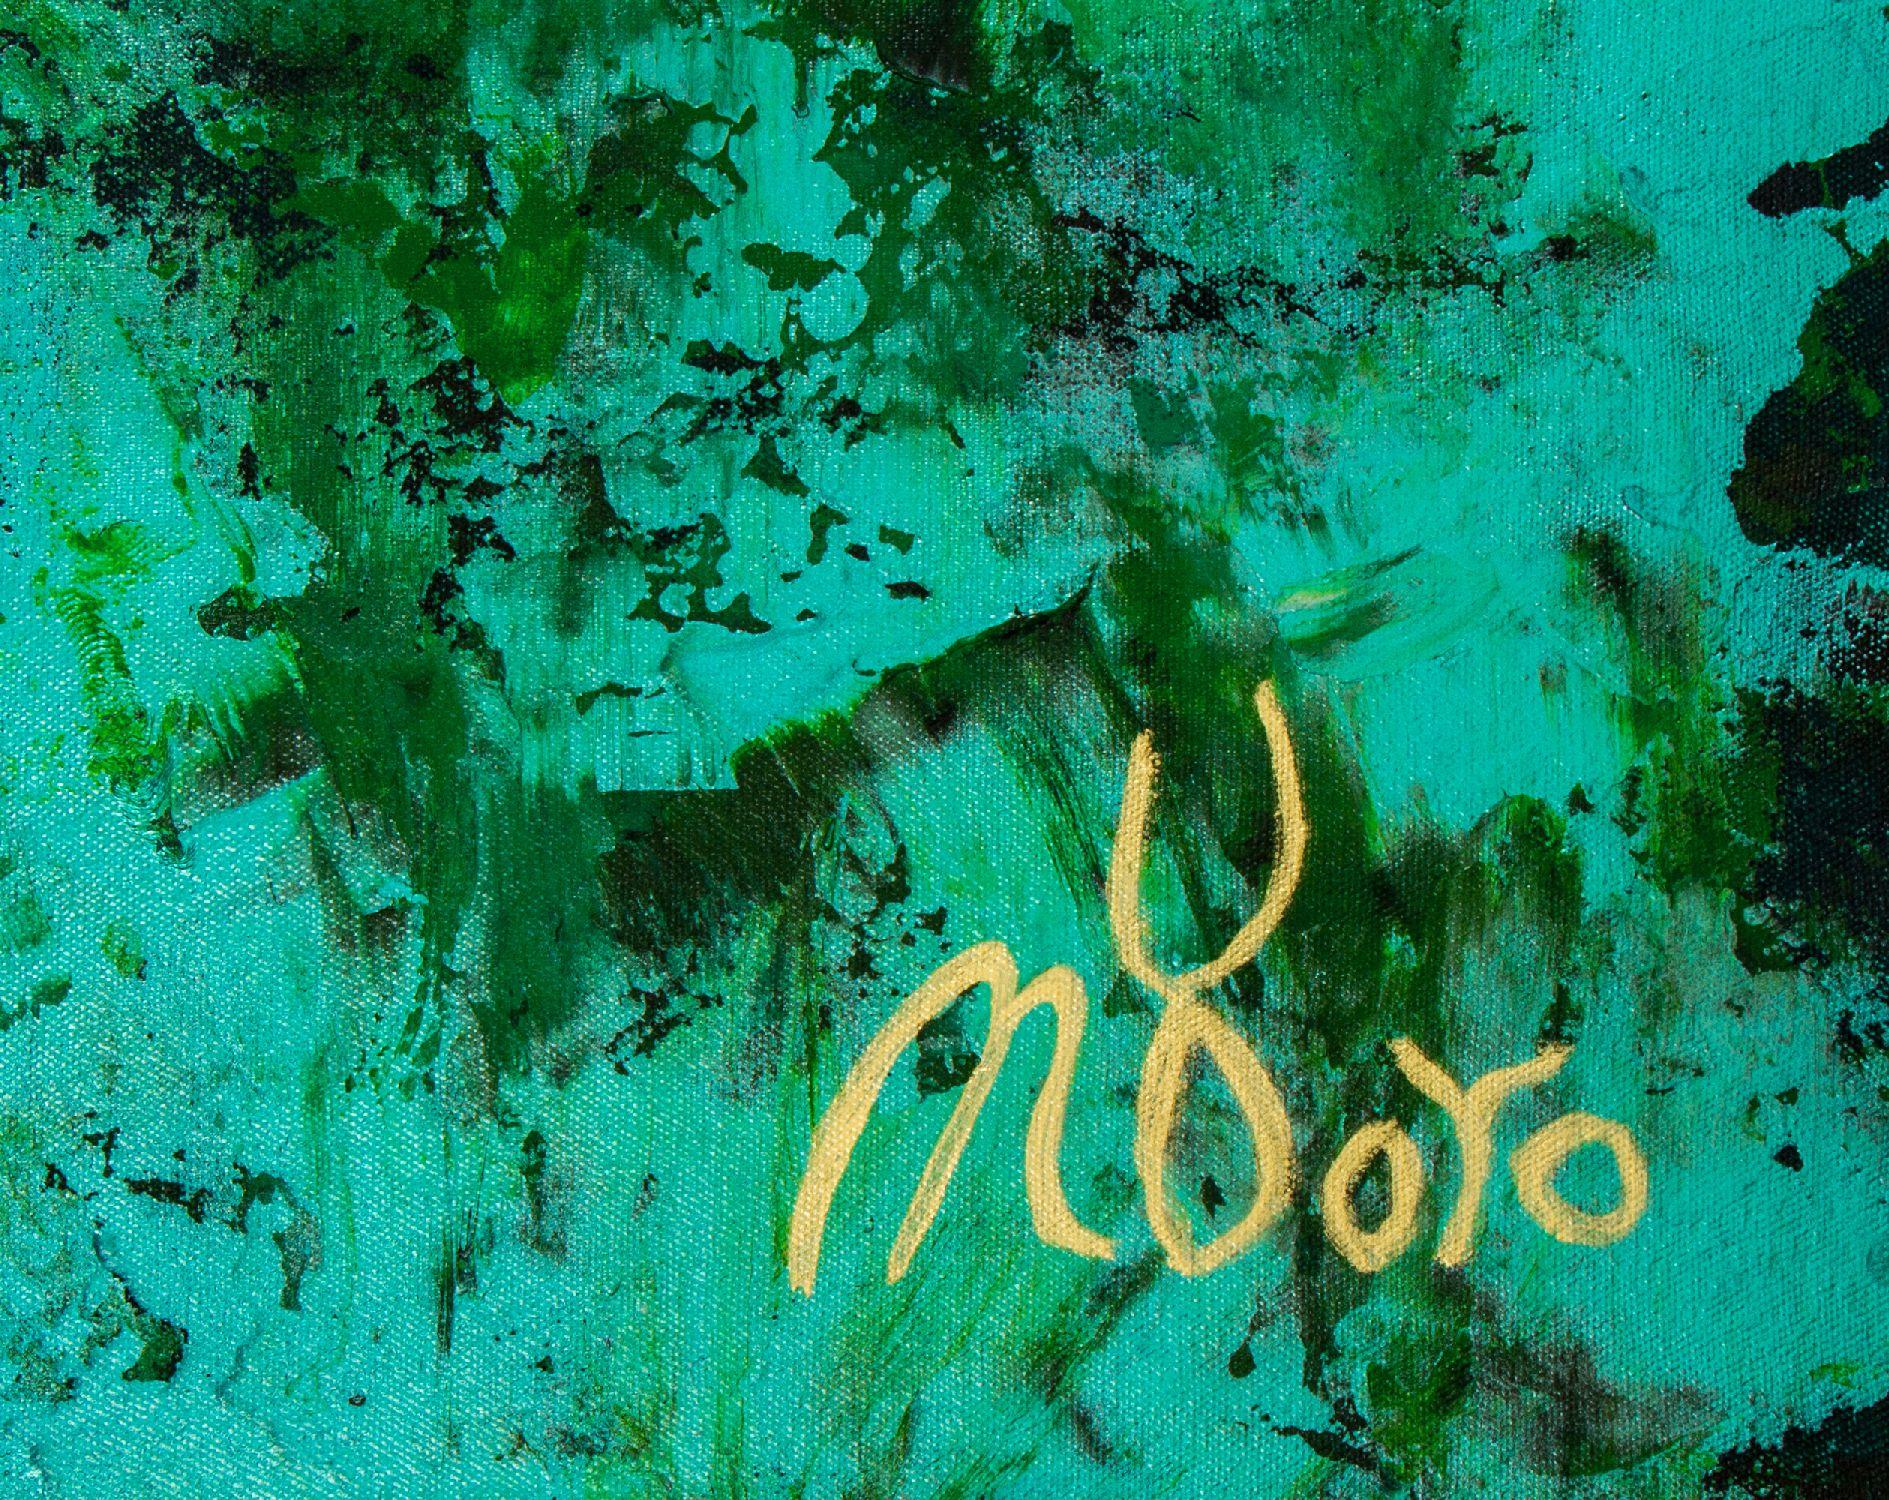 Signature / Verdor Spectra (Lush Greenery) (2020) / Nestor Toro